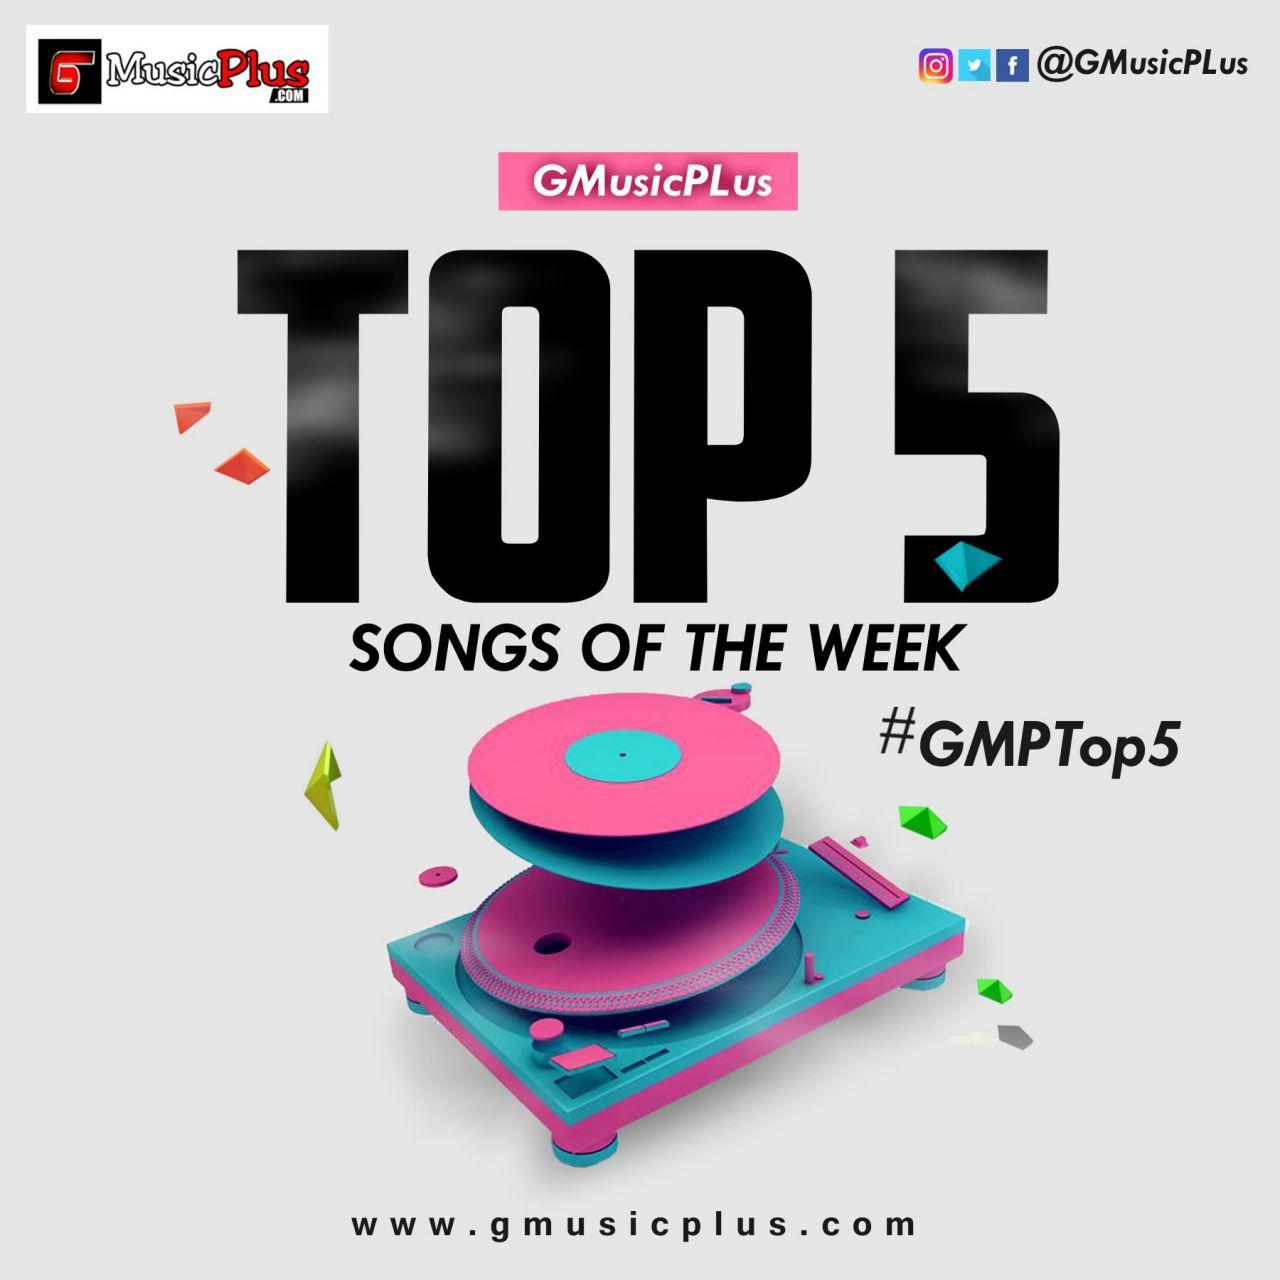 Top 5 Songs